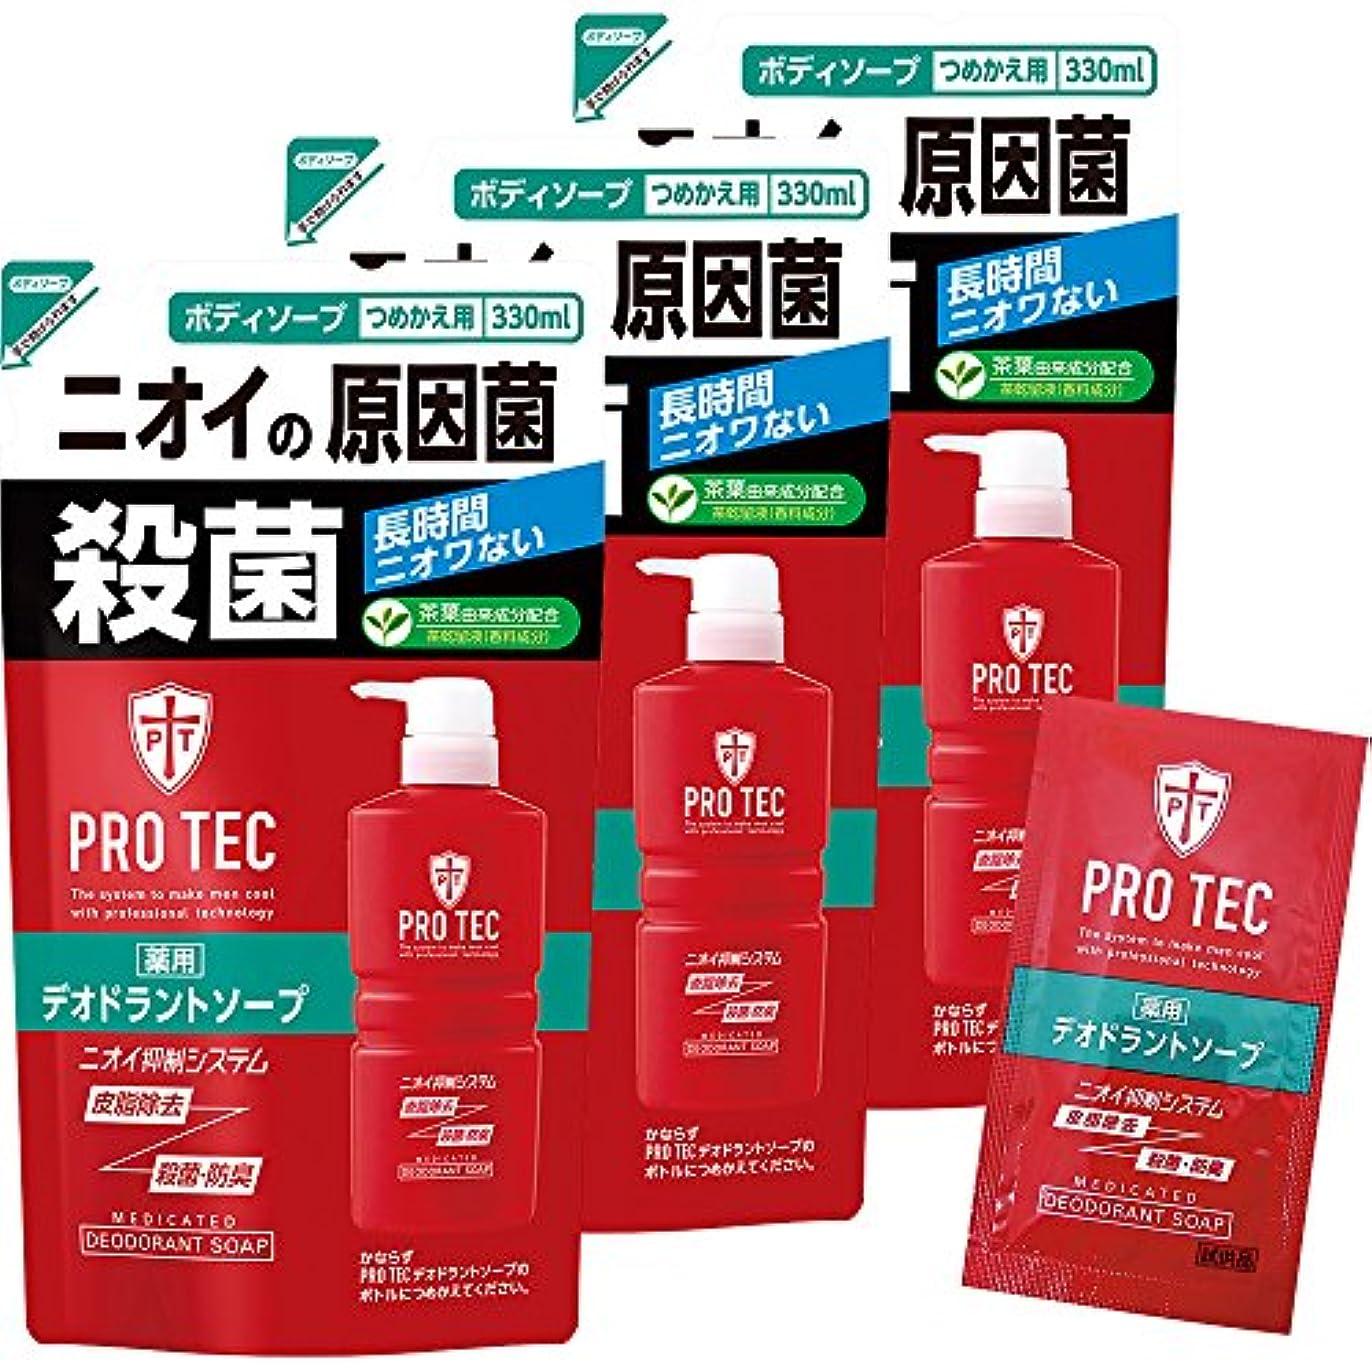 ディスカウントミントレディ【Amazon.co.jp限定】PRO TEC(プロテク) デオドラントソープ 詰め替え330ml×3個パック+デオドラントソープ1回分付(医薬部外品)